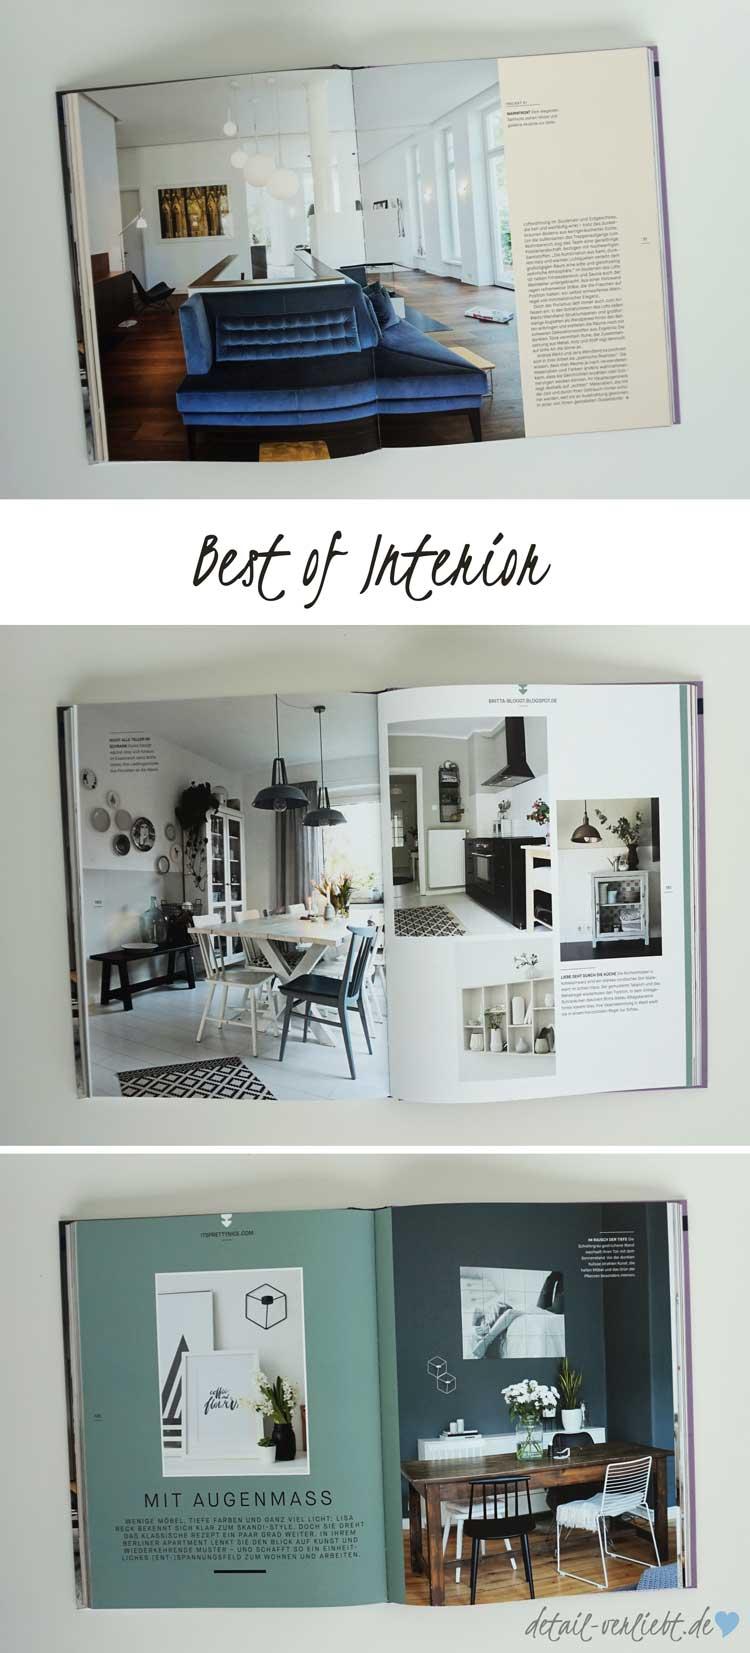 """www.detail-verliebt.de - Was kommt, was bleibt – alle Wohntrends 2018 von Wohnbloggern und Interiorexperten im Buch """"Best of Interior"""" aus dem Callwey-Verlag."""